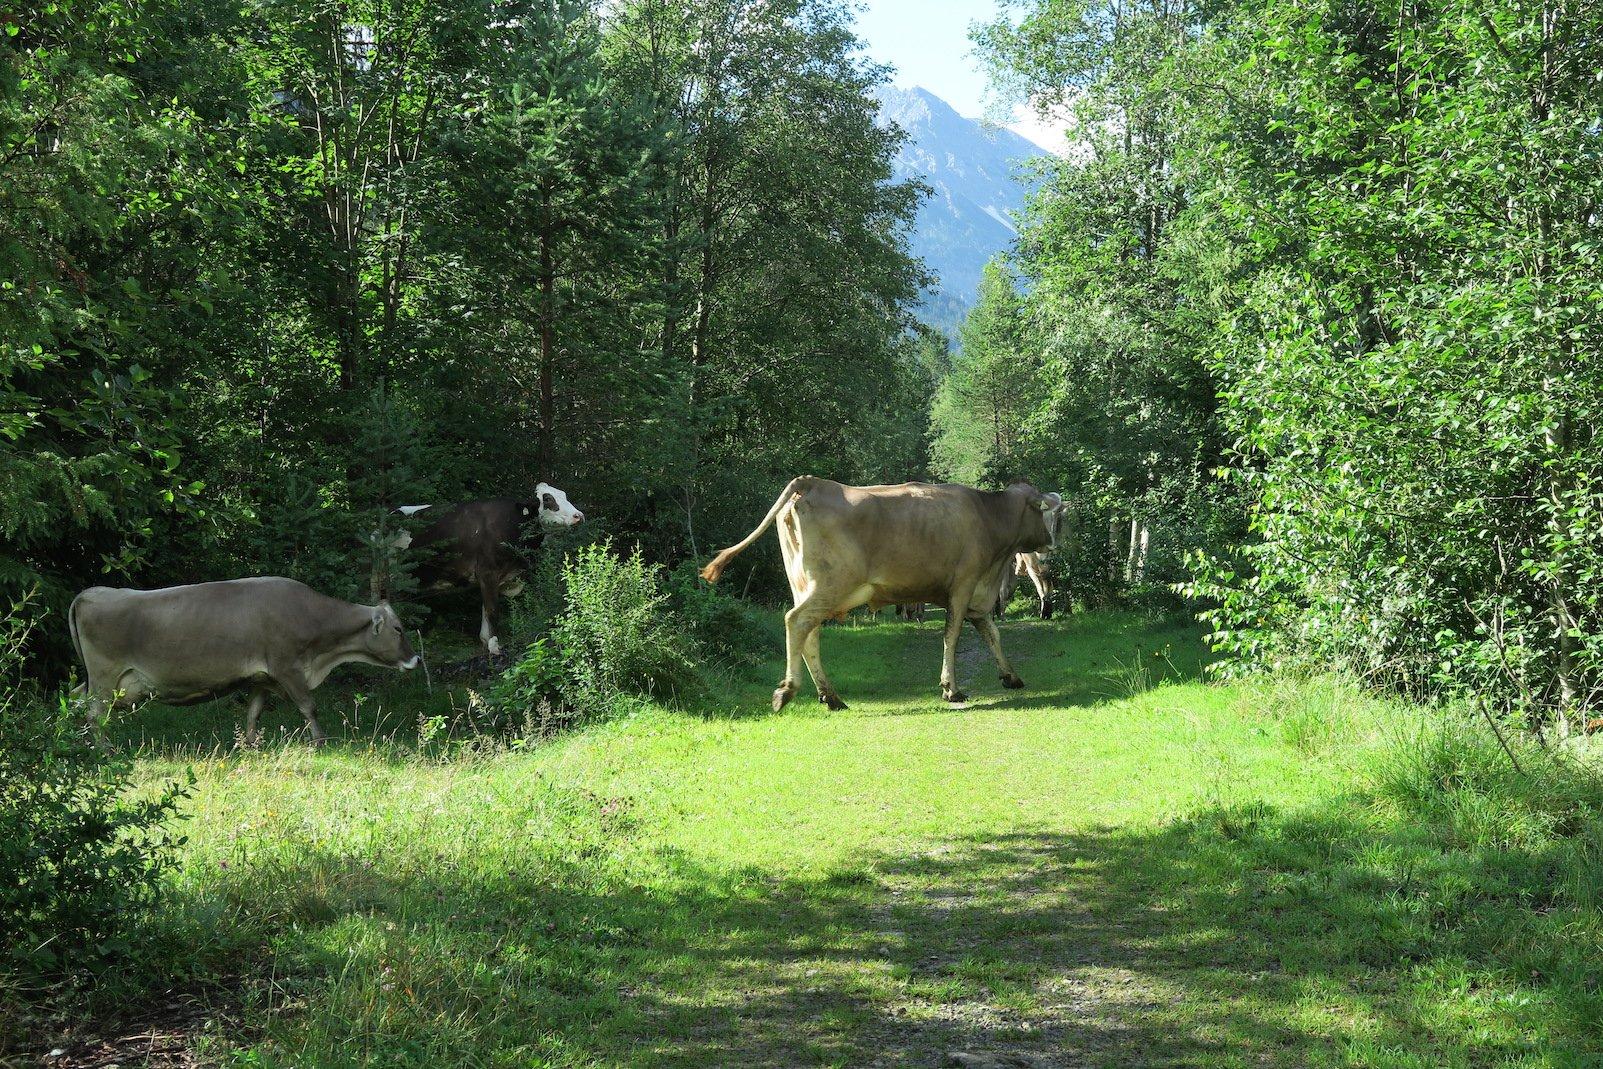 Kühe auf dem Lechweg - die sind weit verbreitet, fast keine Etappe ohne...